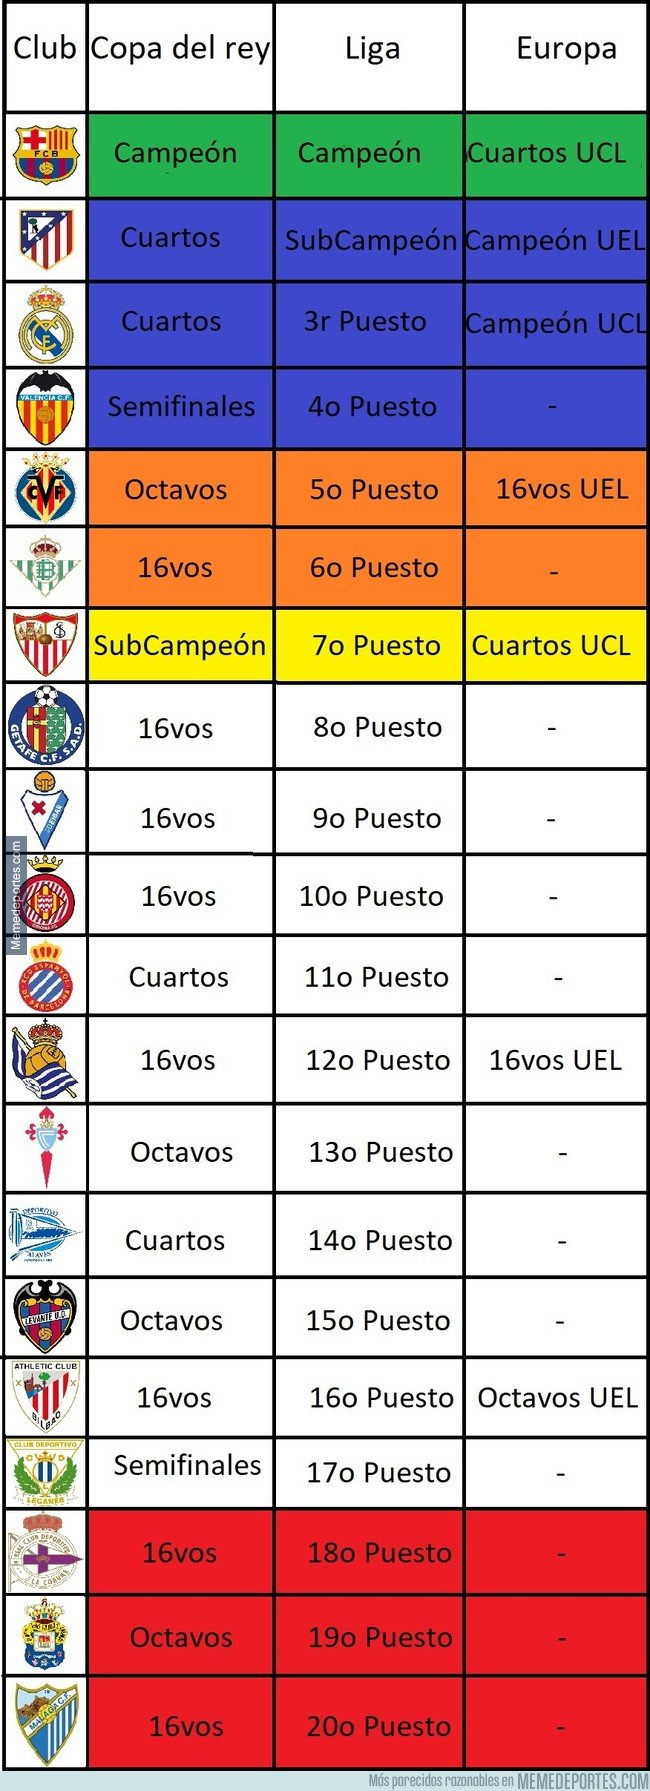 1035617 - Así quedan los equipos españoles después de una larga temporada